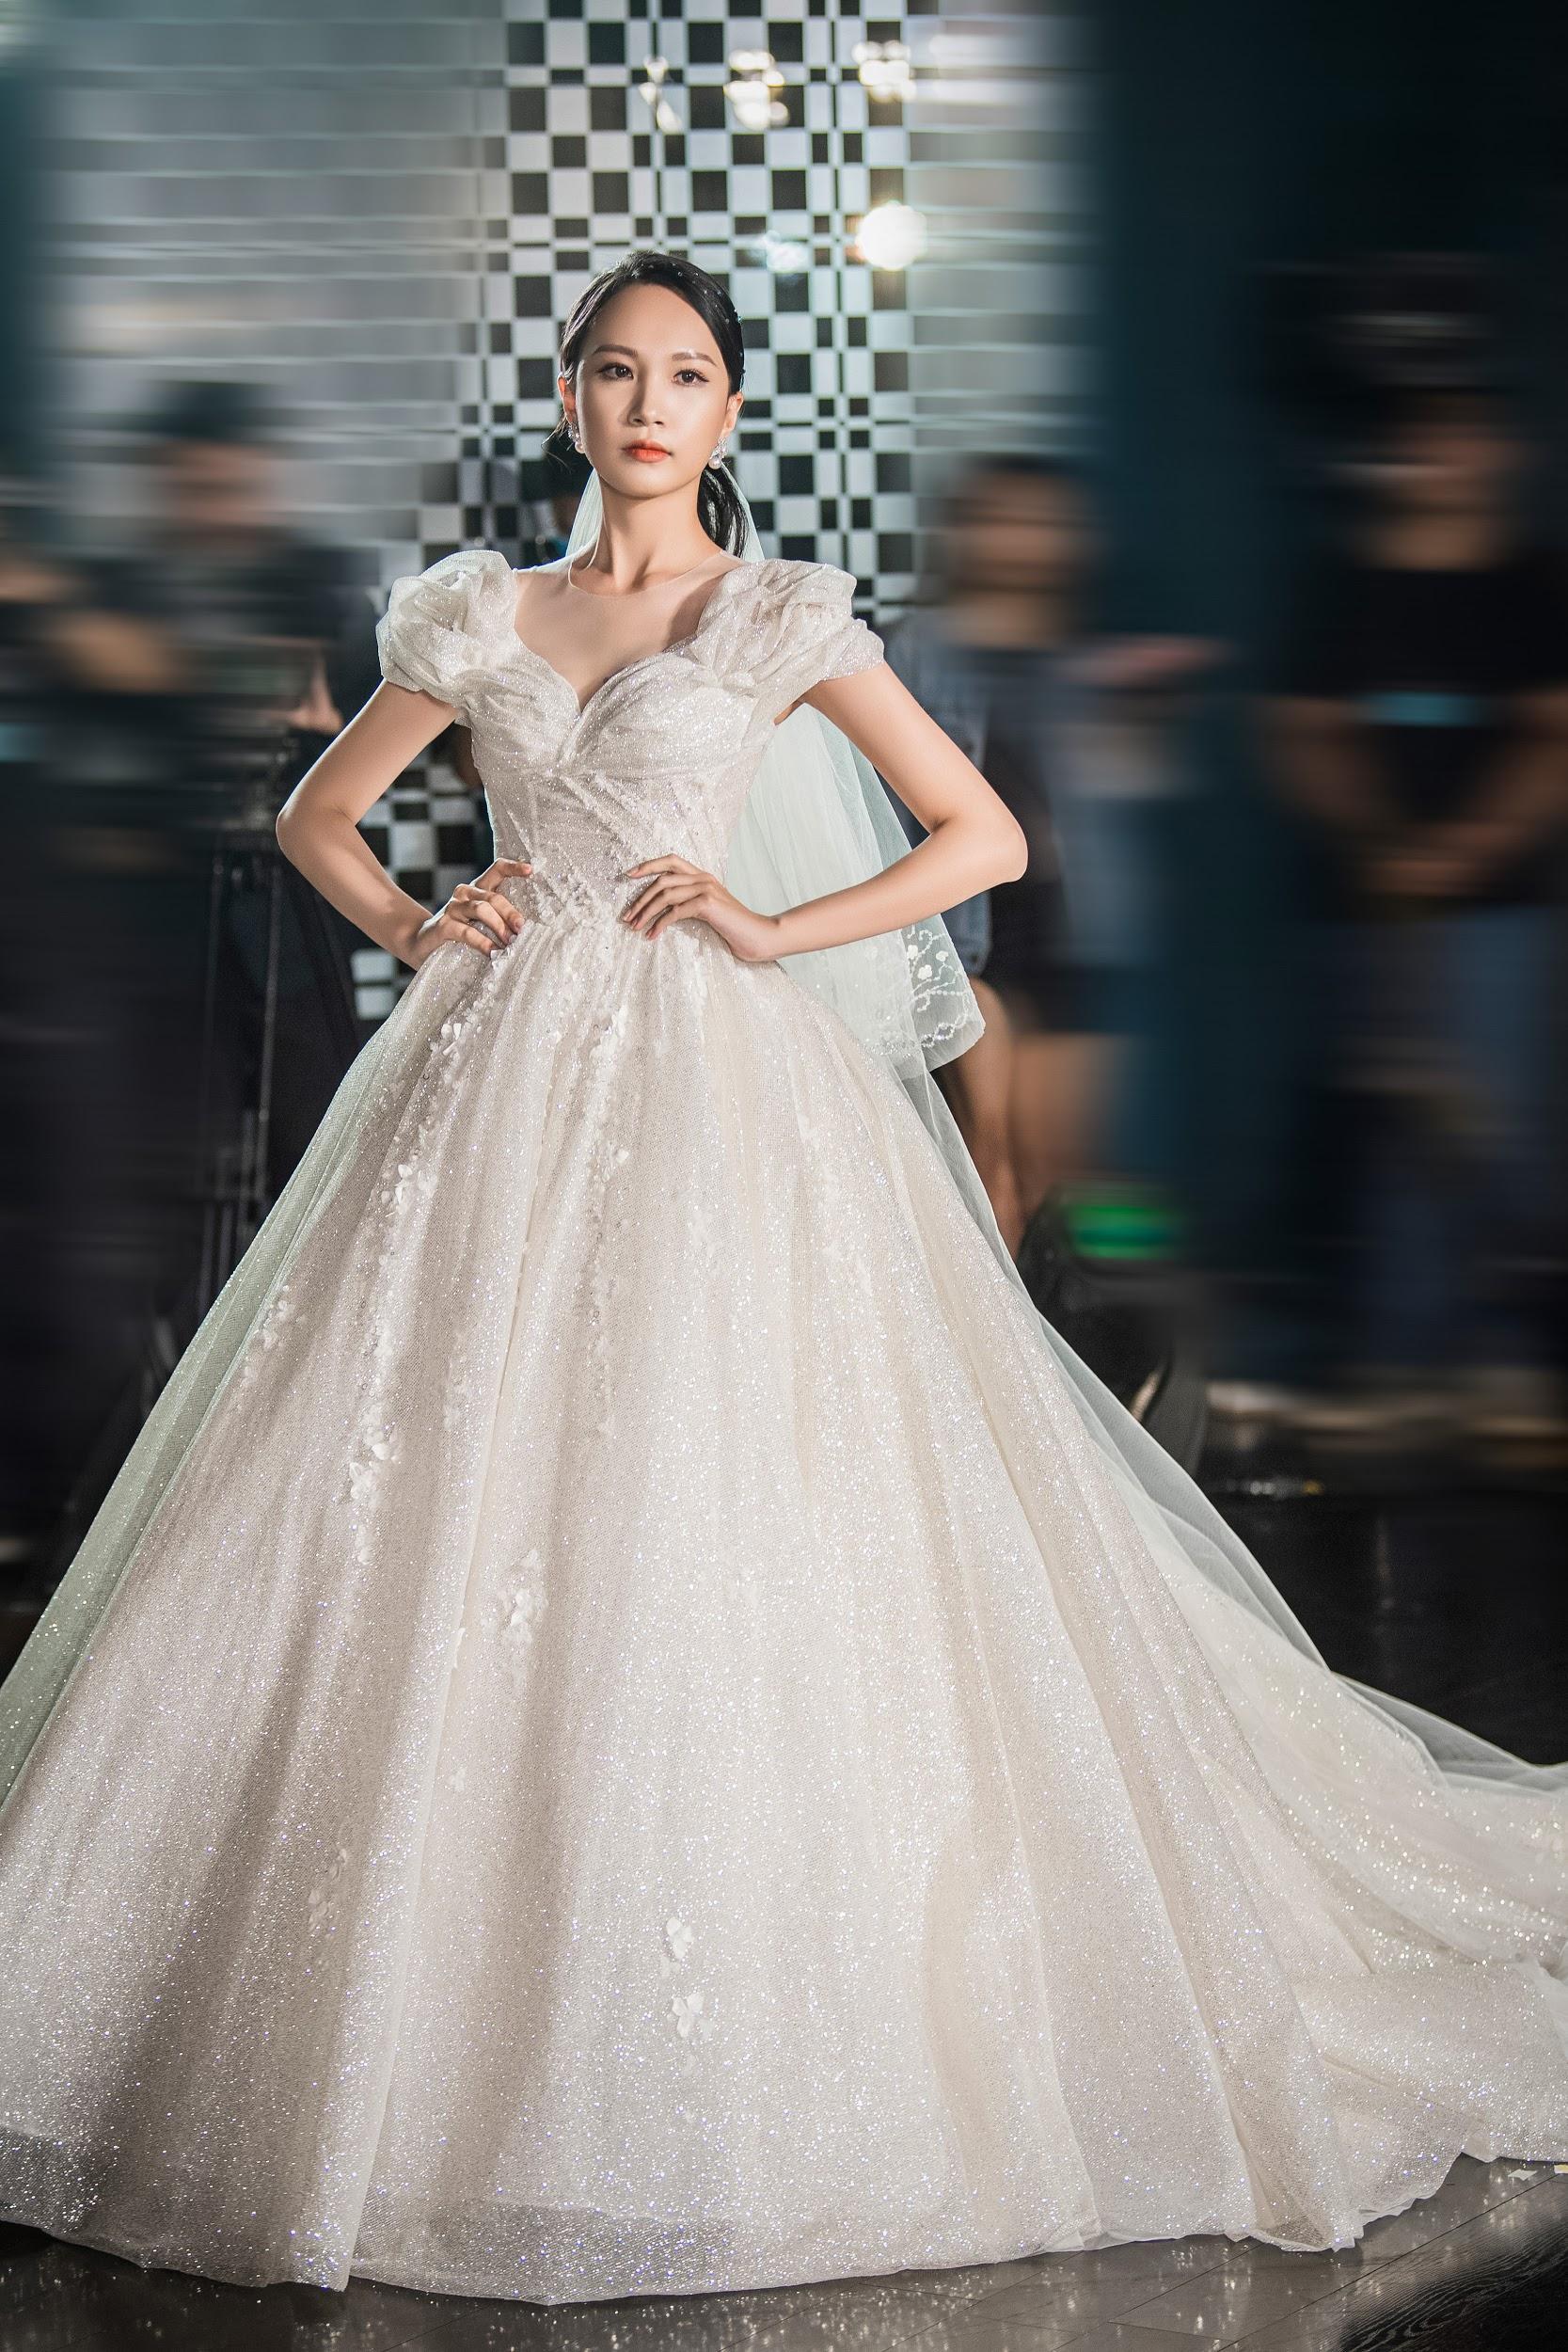 Lecia Bridal ra mắt dòng váy Luxury đính hàng trăm ngàn viên pha lê Swarovski - Ảnh 11.